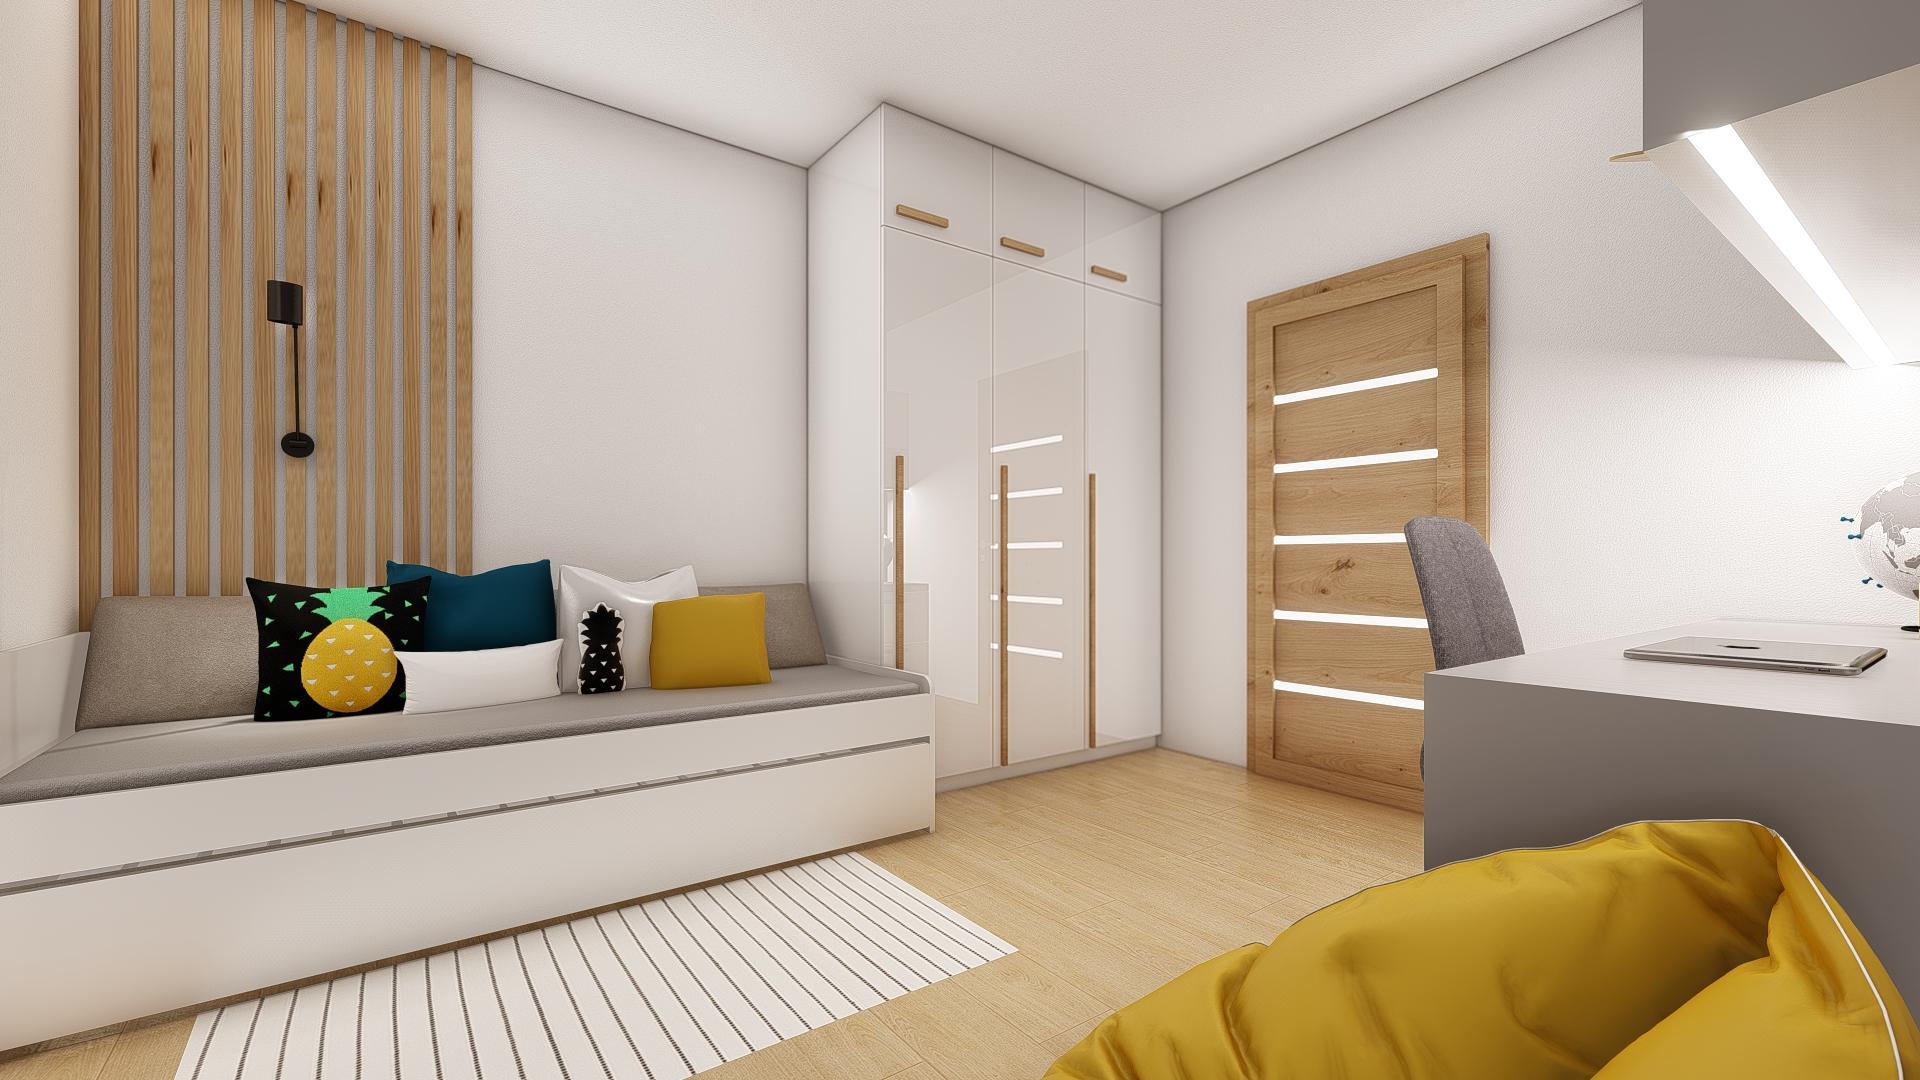 Návrh a 3D vizualizácia detskej izby, pre 11 ročného chlapca.  V izbe sa už nachádzala pôvodná šatníková skriňa, ktorú sme oživili drevenými úchytkami. ;-)   Potrebujte aj Vy pomôcť pri zariaďovaní? Kontaktuje nás a my pre Vás ZDARMA pripravíme nezáväznú cenovú ponuku. - Obrázok č. 3